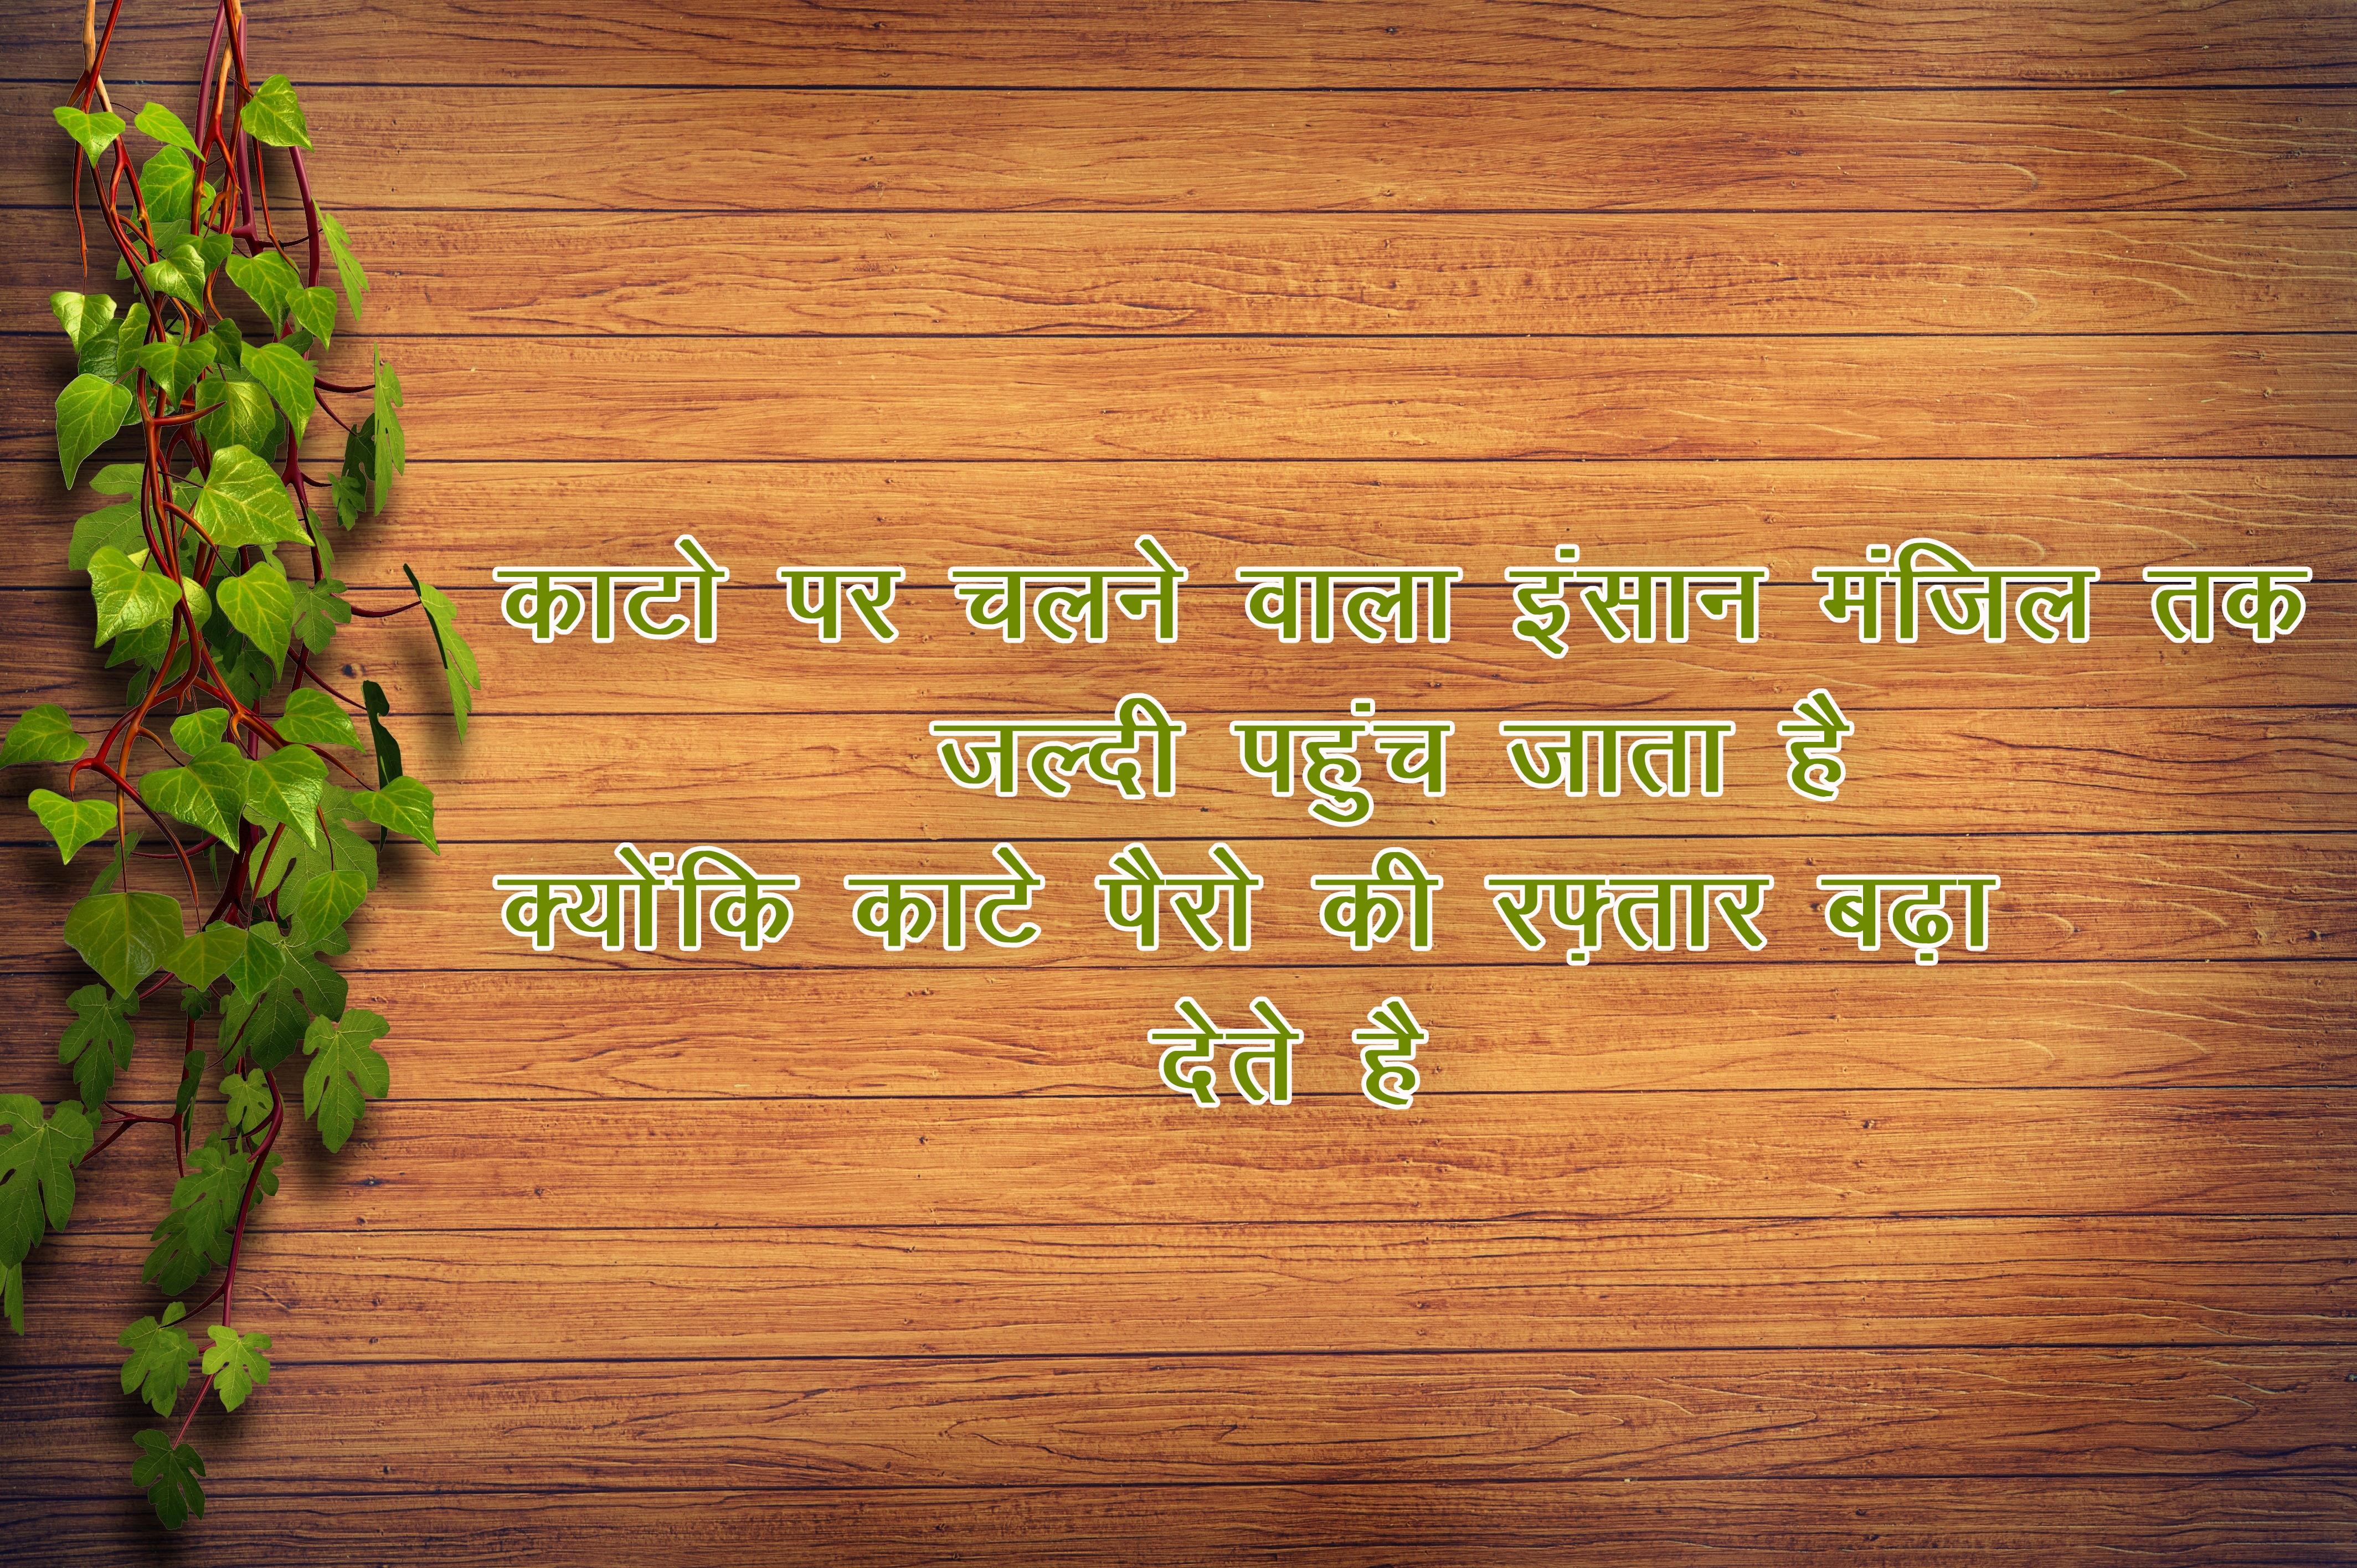 Beautiful Hindi Whatsapp DP Images Pics